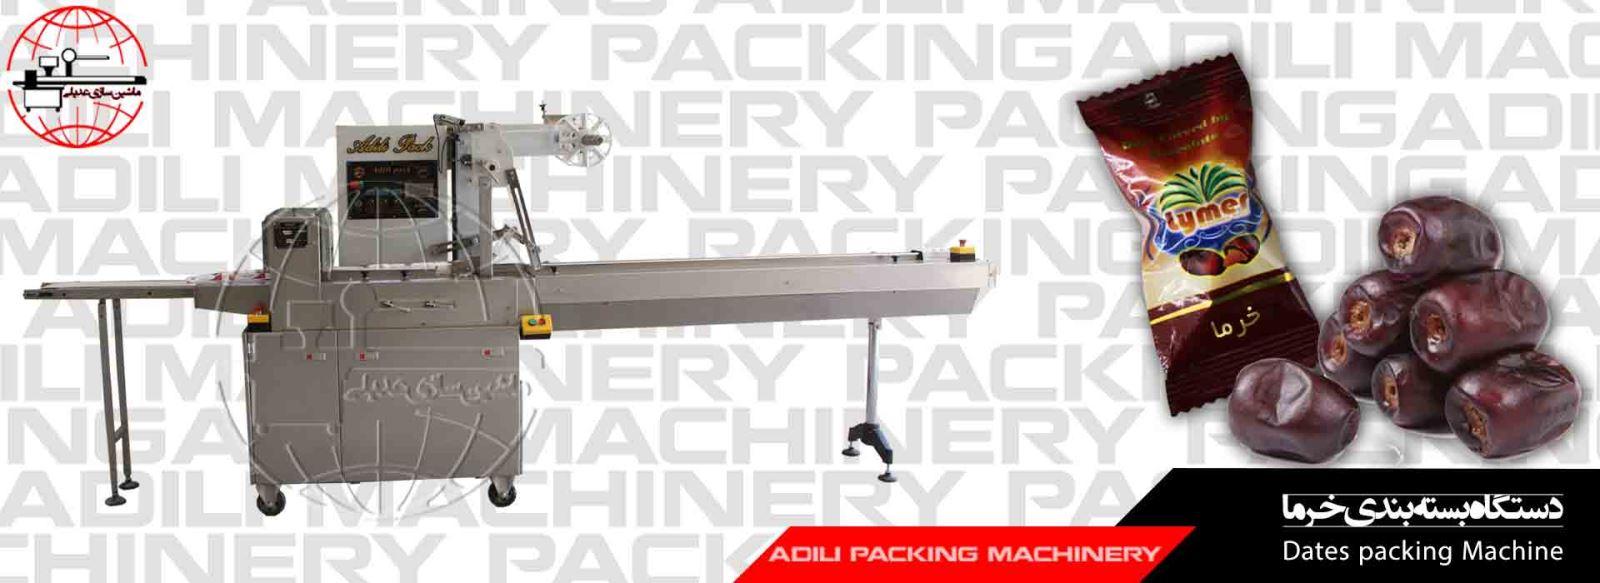 دستگاه بسته بندی خرما یک نمونه از ماشین آلات بسته بندی با سیستم PLC, مکانیک با چشم فتوسل و مکانیک ساده بوده که محصولات را به صورت پیلوپک (دو طرف دوخت) بسته بندی می کند.